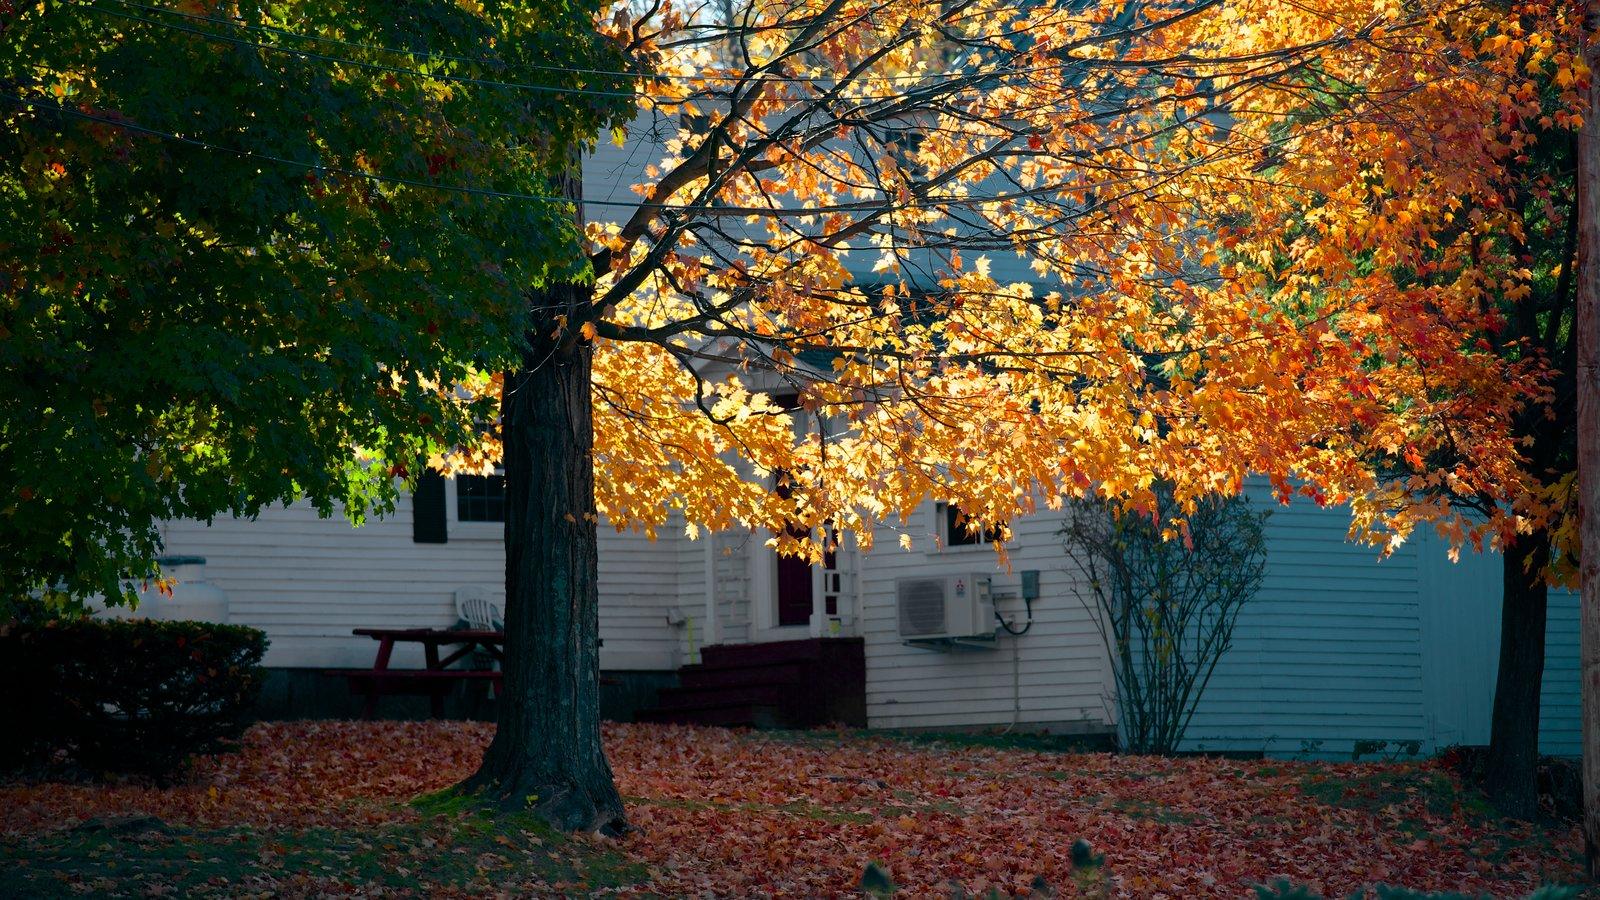 Conway ofreciendo los colores del otoño